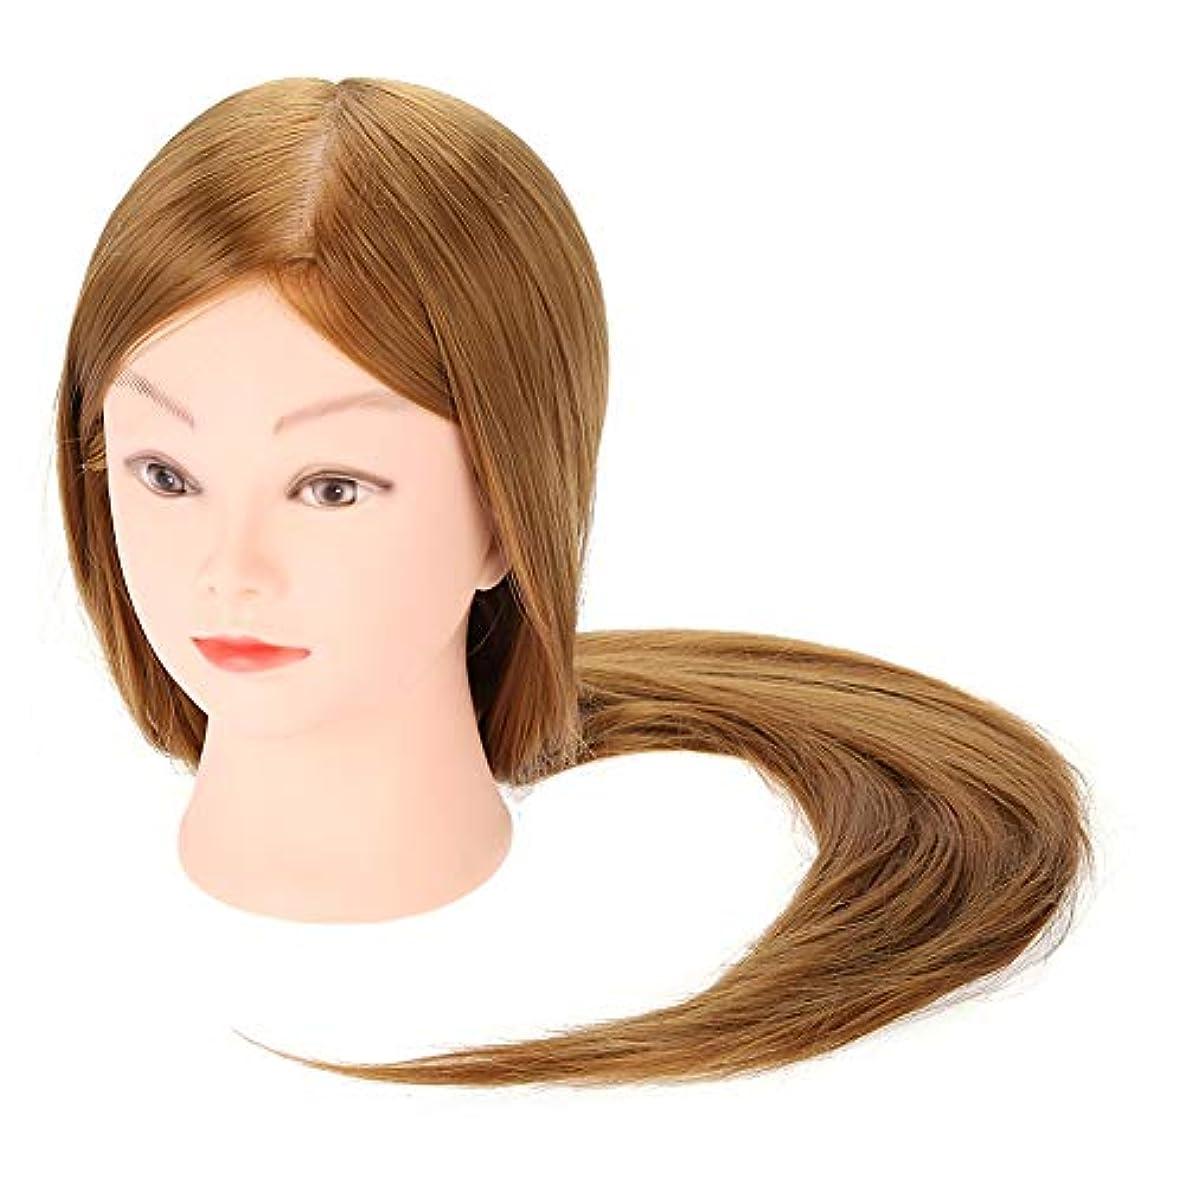 組み合わせる避難するデータムヘアトレーニングヘッド、 ヘアスタイリング 美容練習用ヘアスタイリングプラクティス ヘアドレッシング かつらマネキン